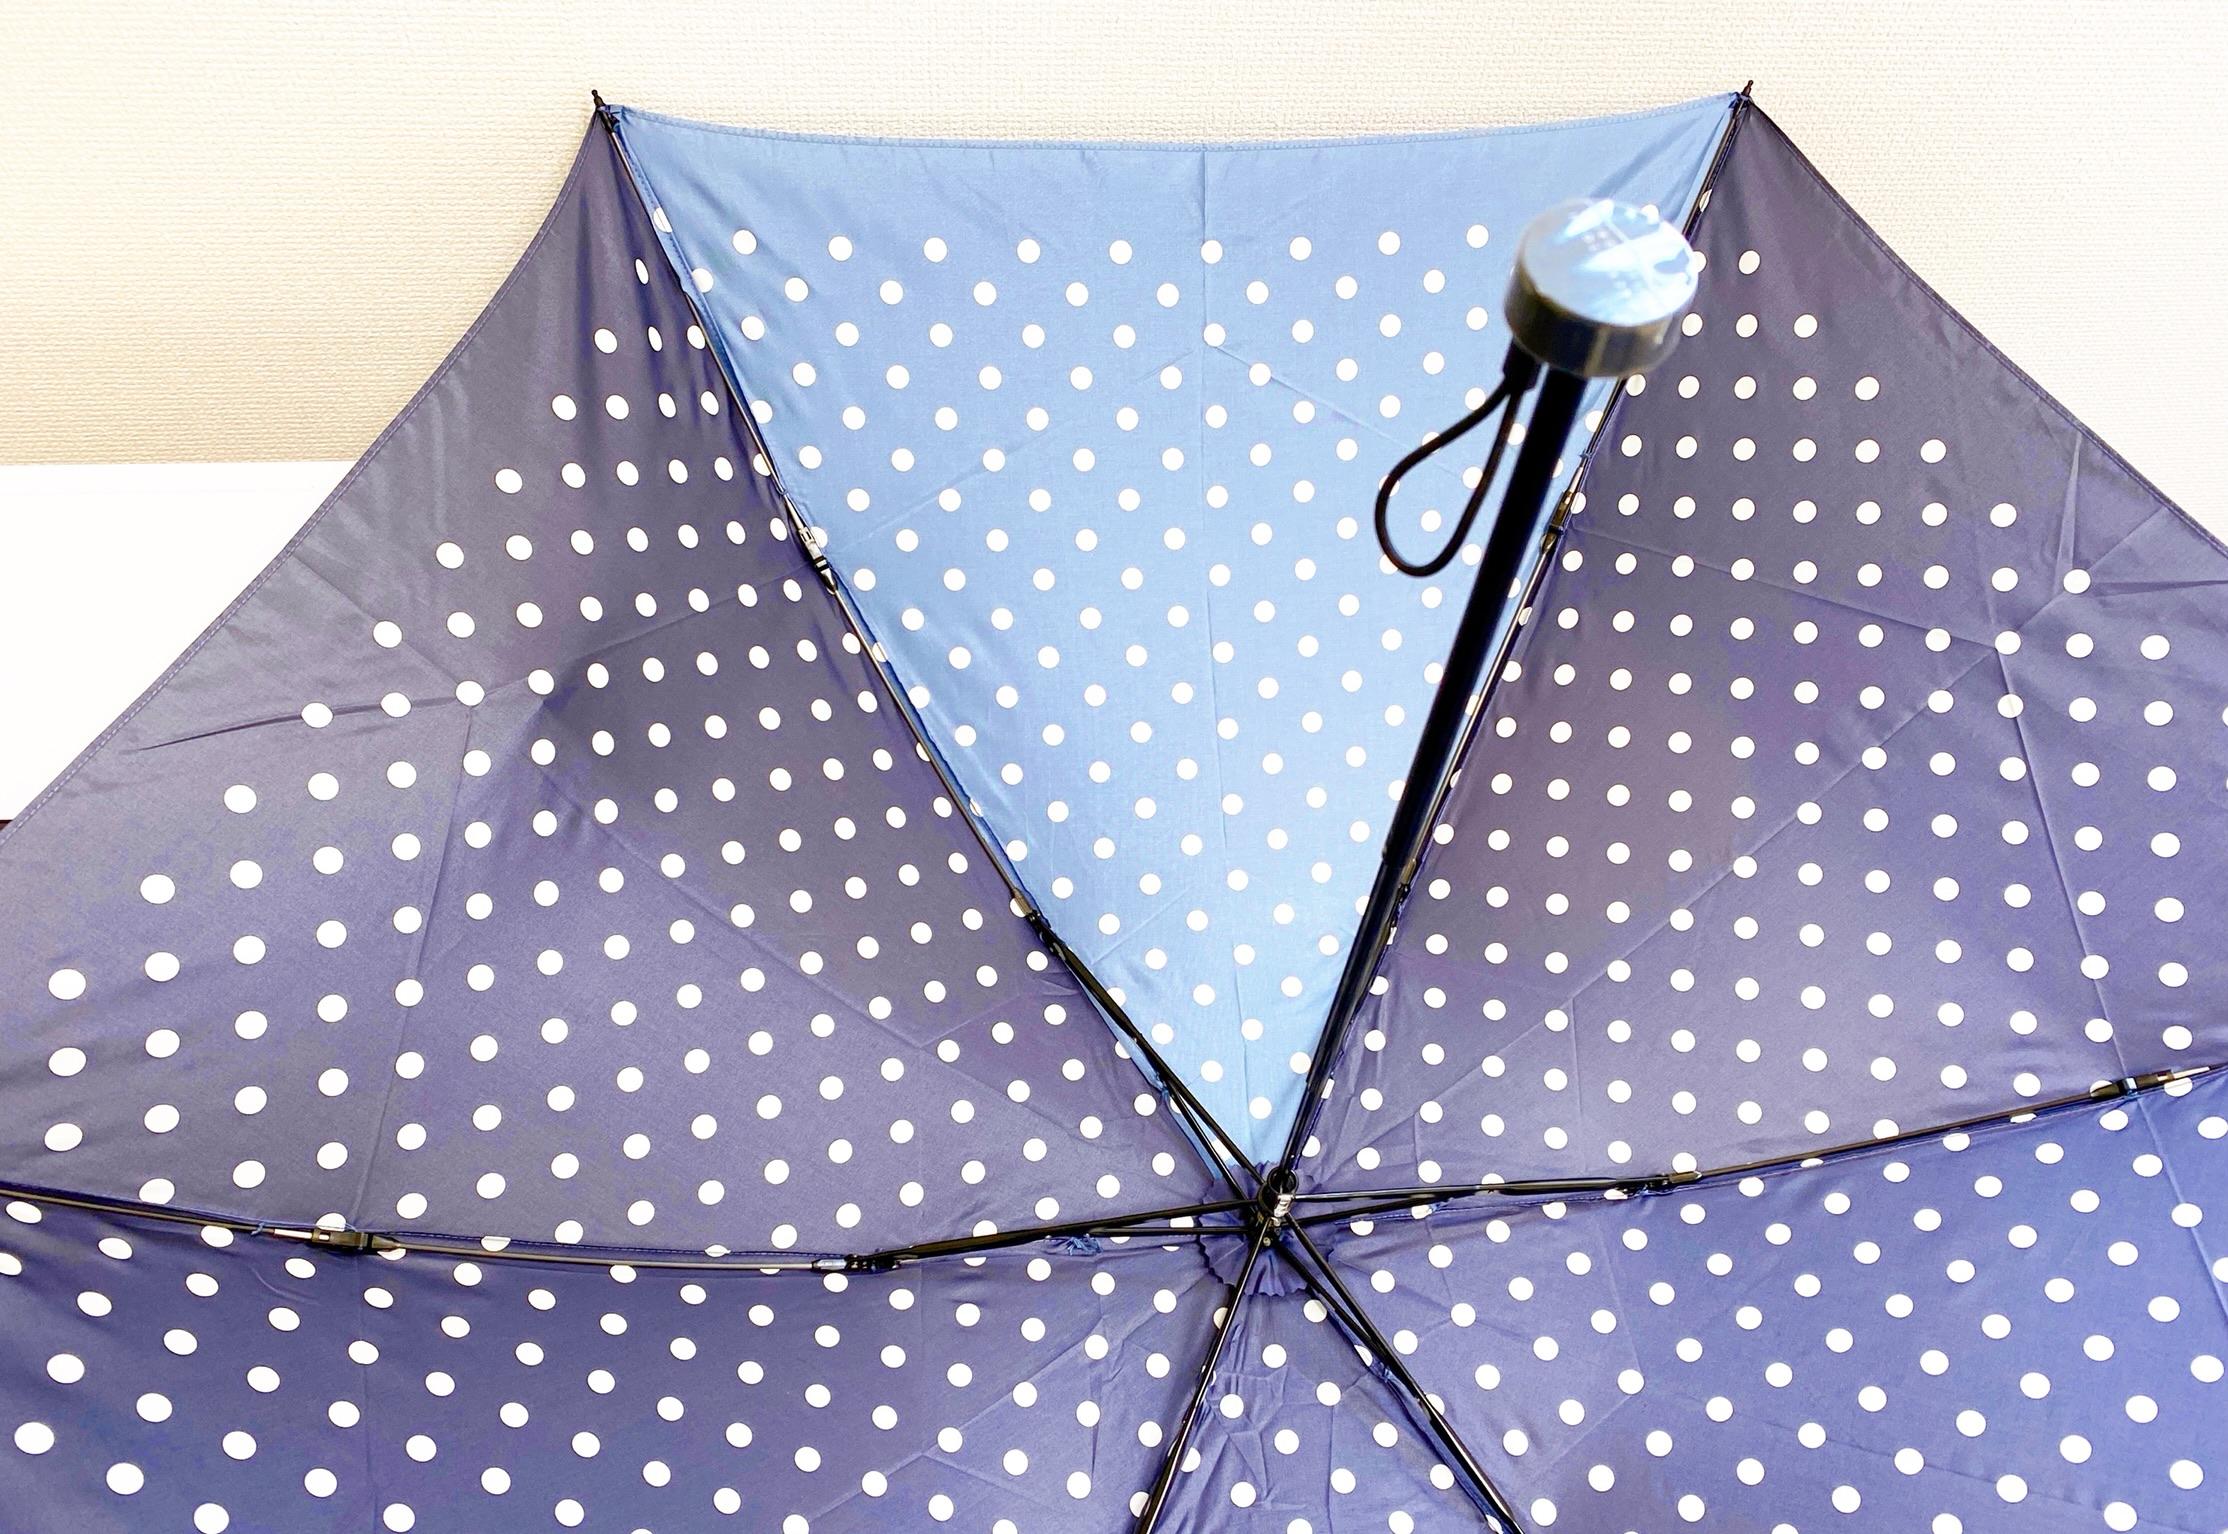 【日差しも雨も!一本あると便利な折り畳み傘】お気に入りの一本を見つけよう_5